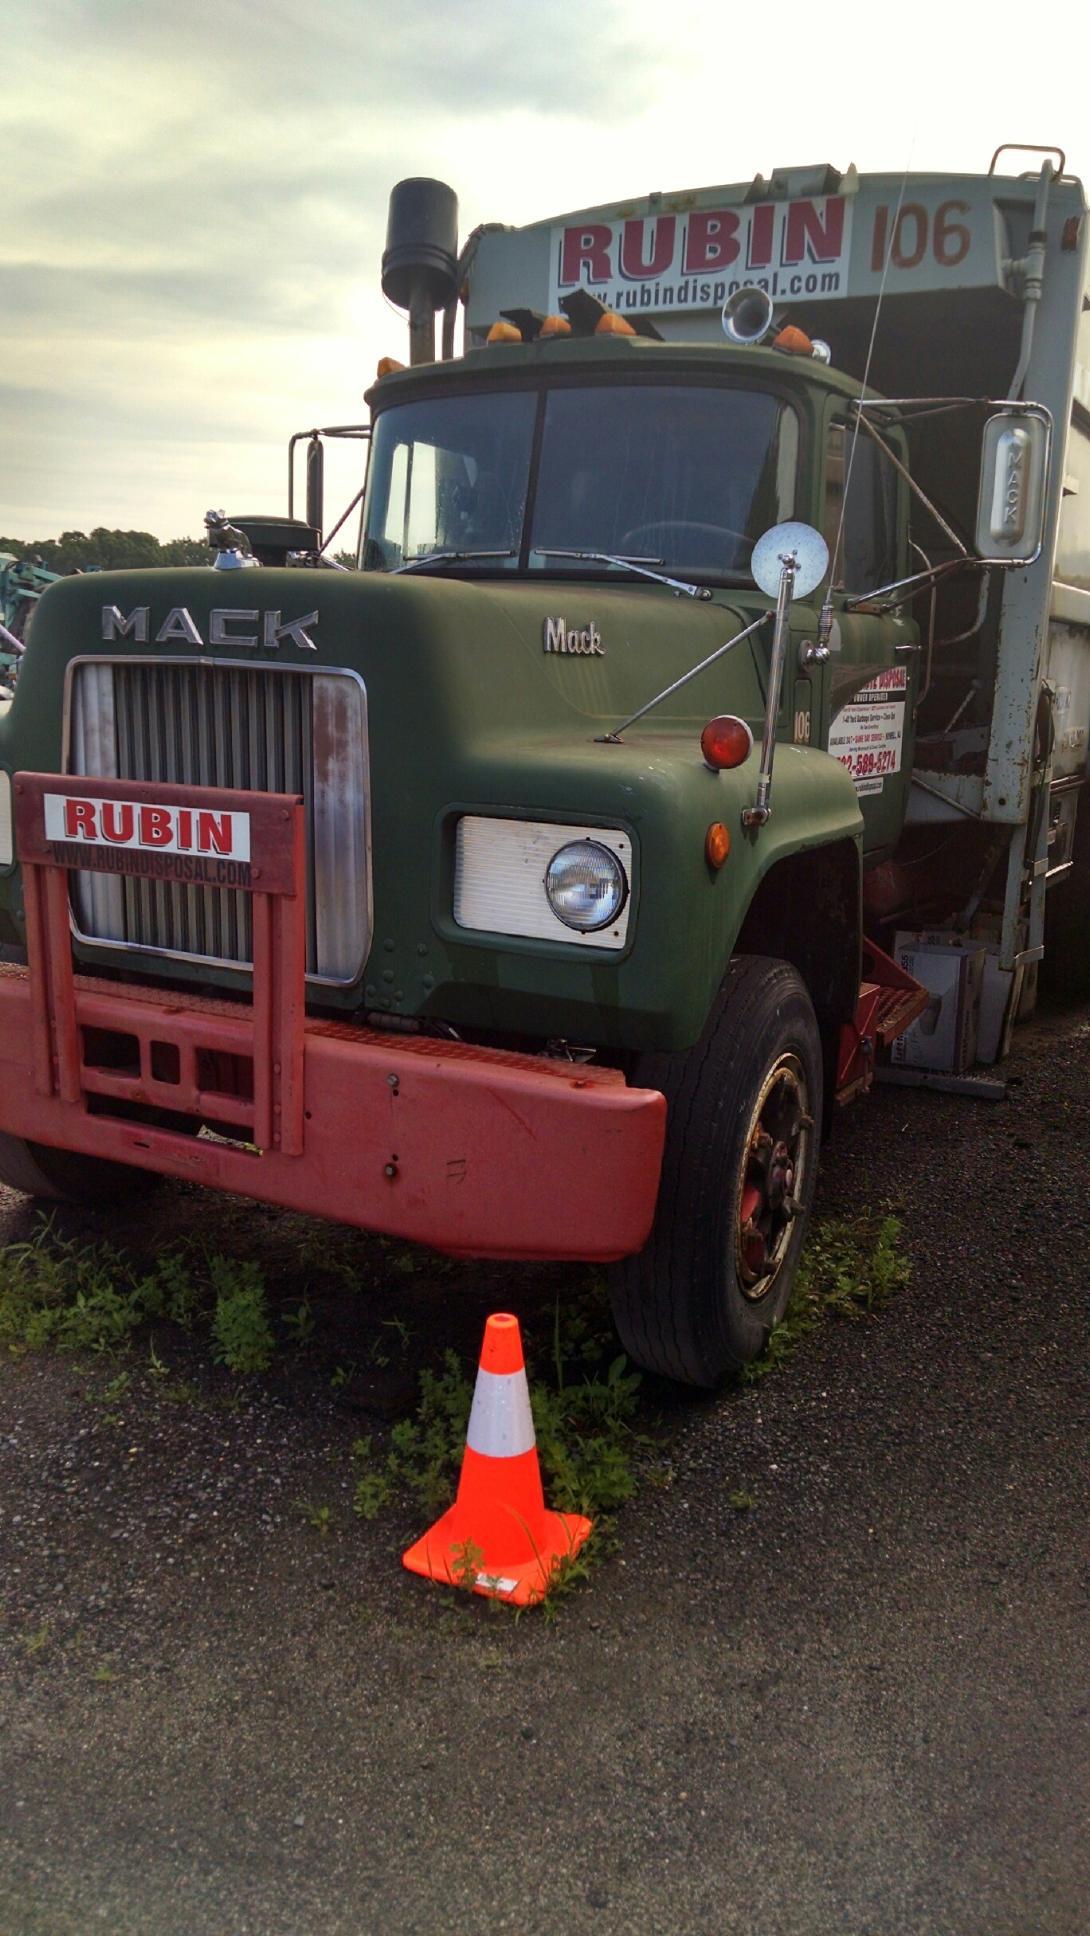 1976 mack r model garbage truck for sale trucks for sale. Black Bedroom Furniture Sets. Home Design Ideas